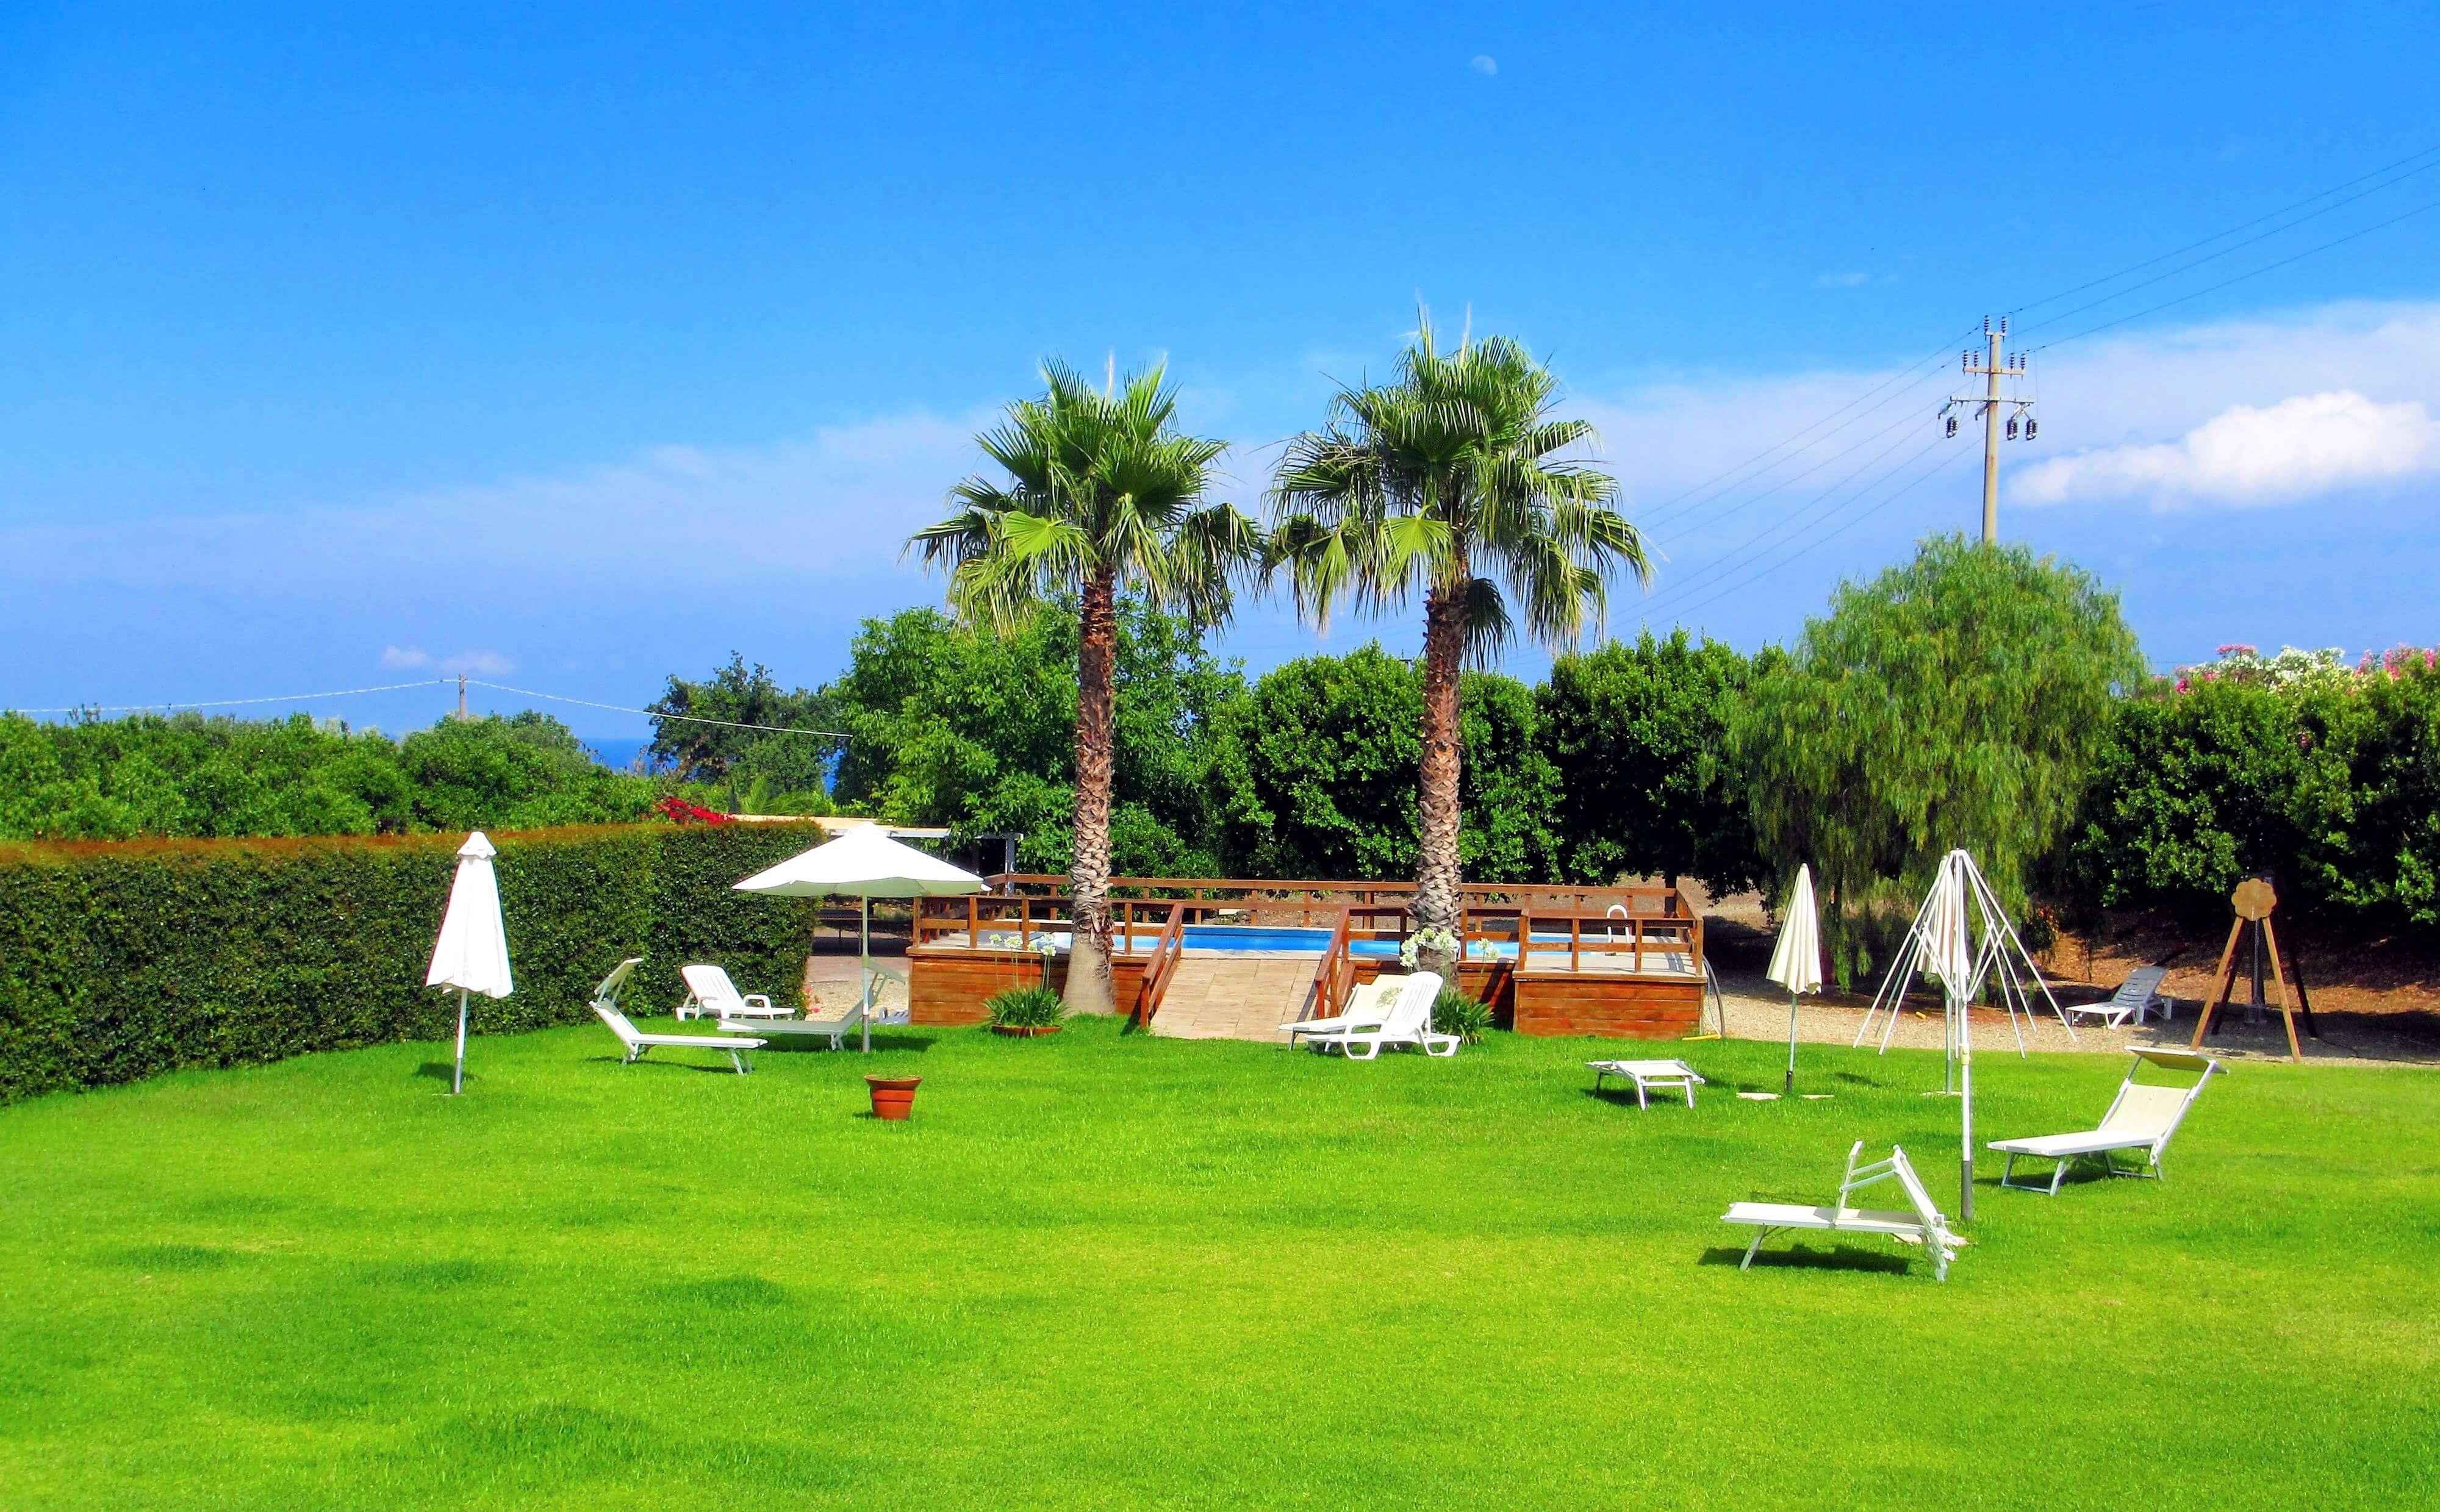 La piscine de l'agritourisme en Sicile